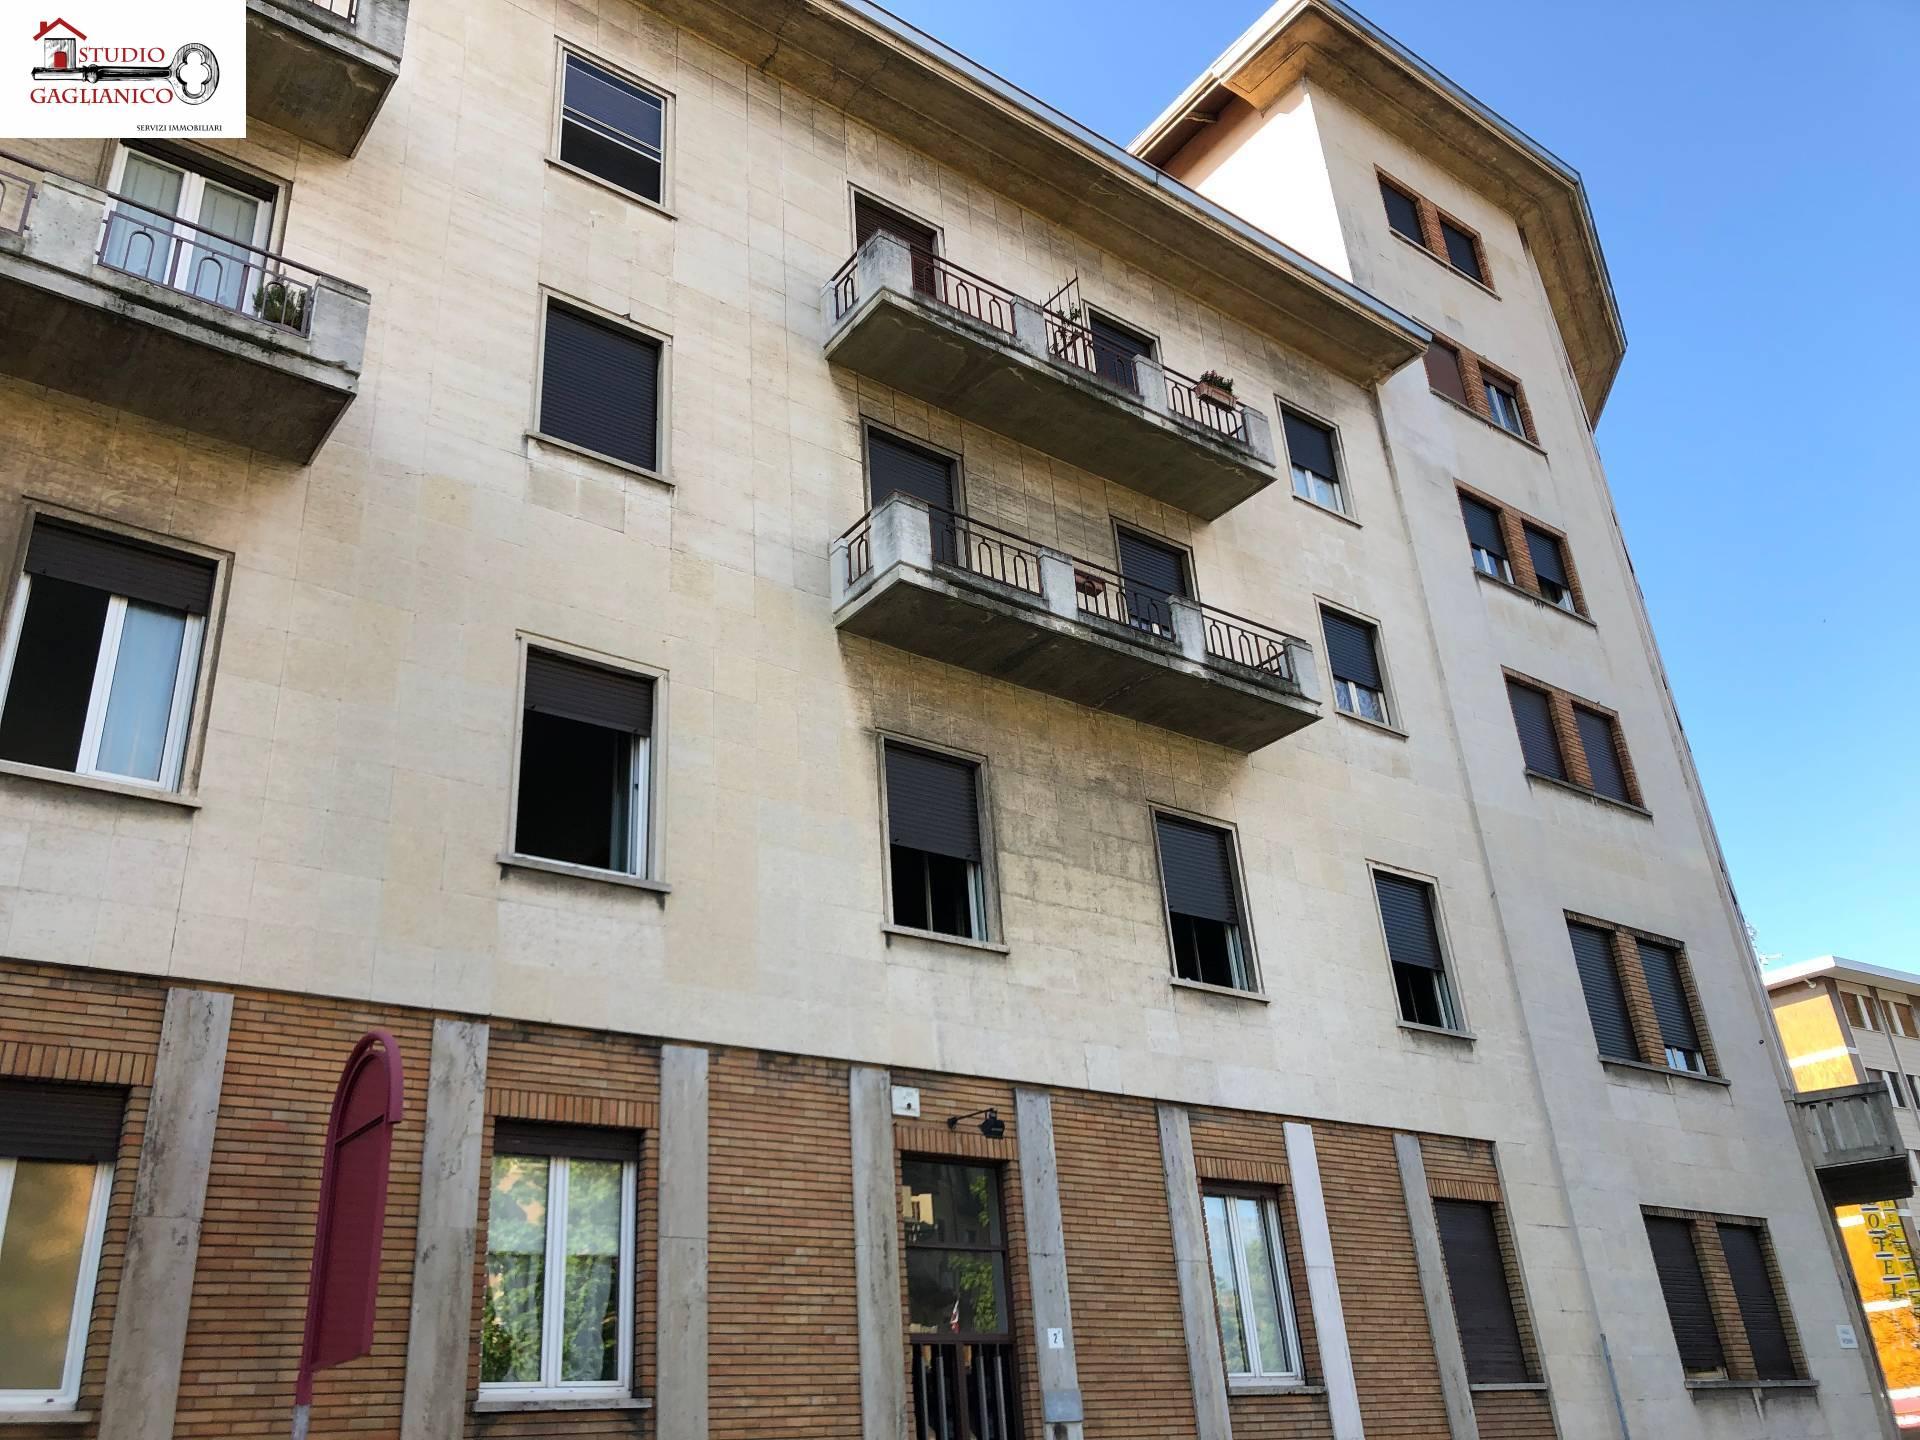 Ufficio in affitto a Biella (BI)